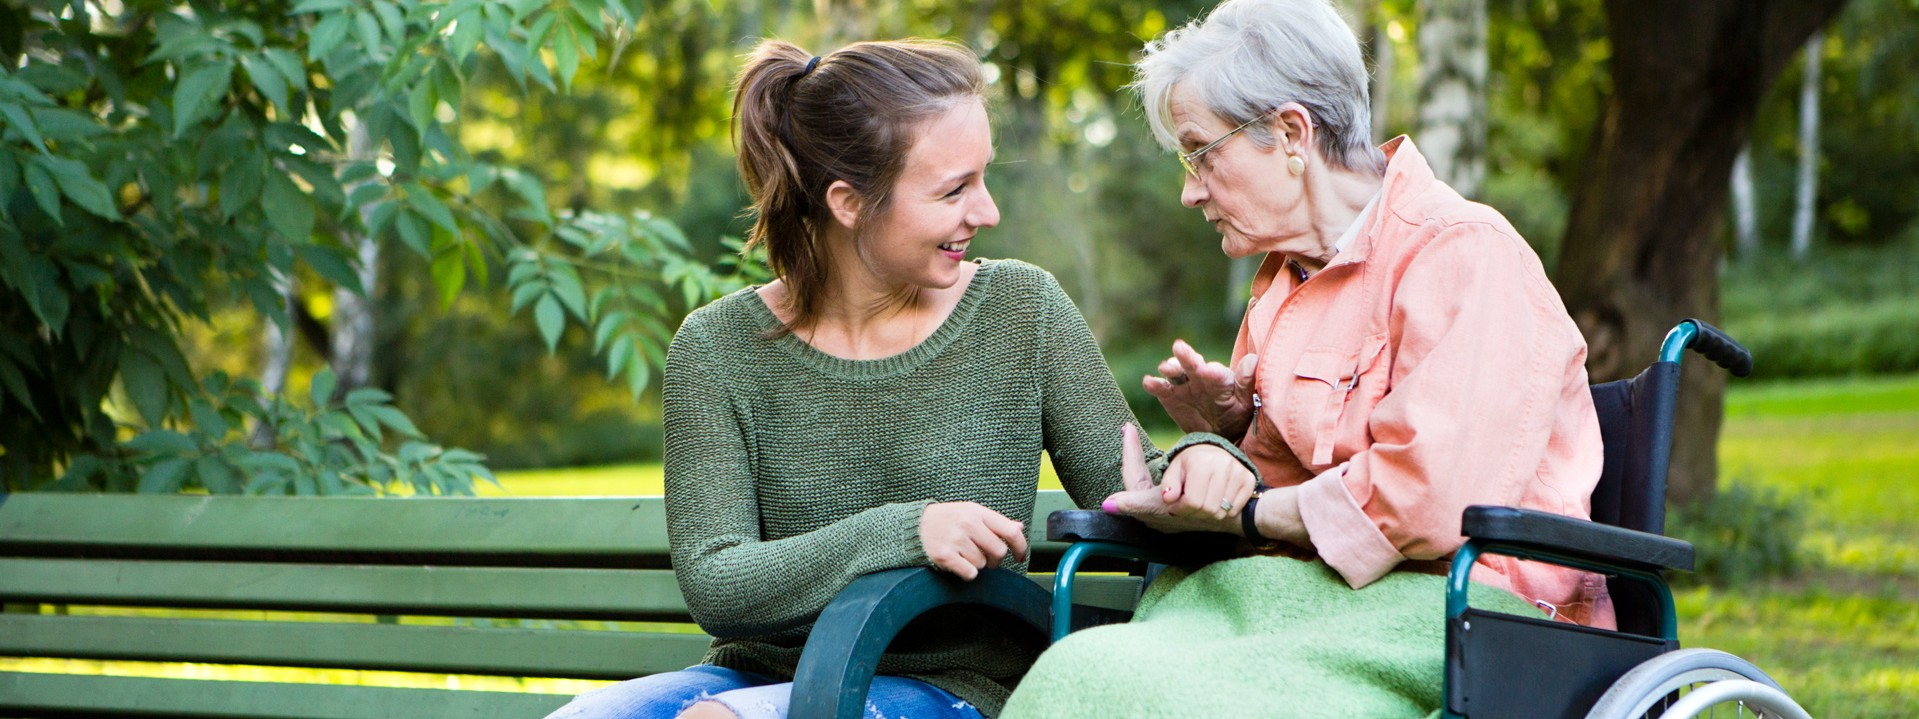 Junge Frau unterhält sich mit Seniorin, welche im Rollstuhl sitzt